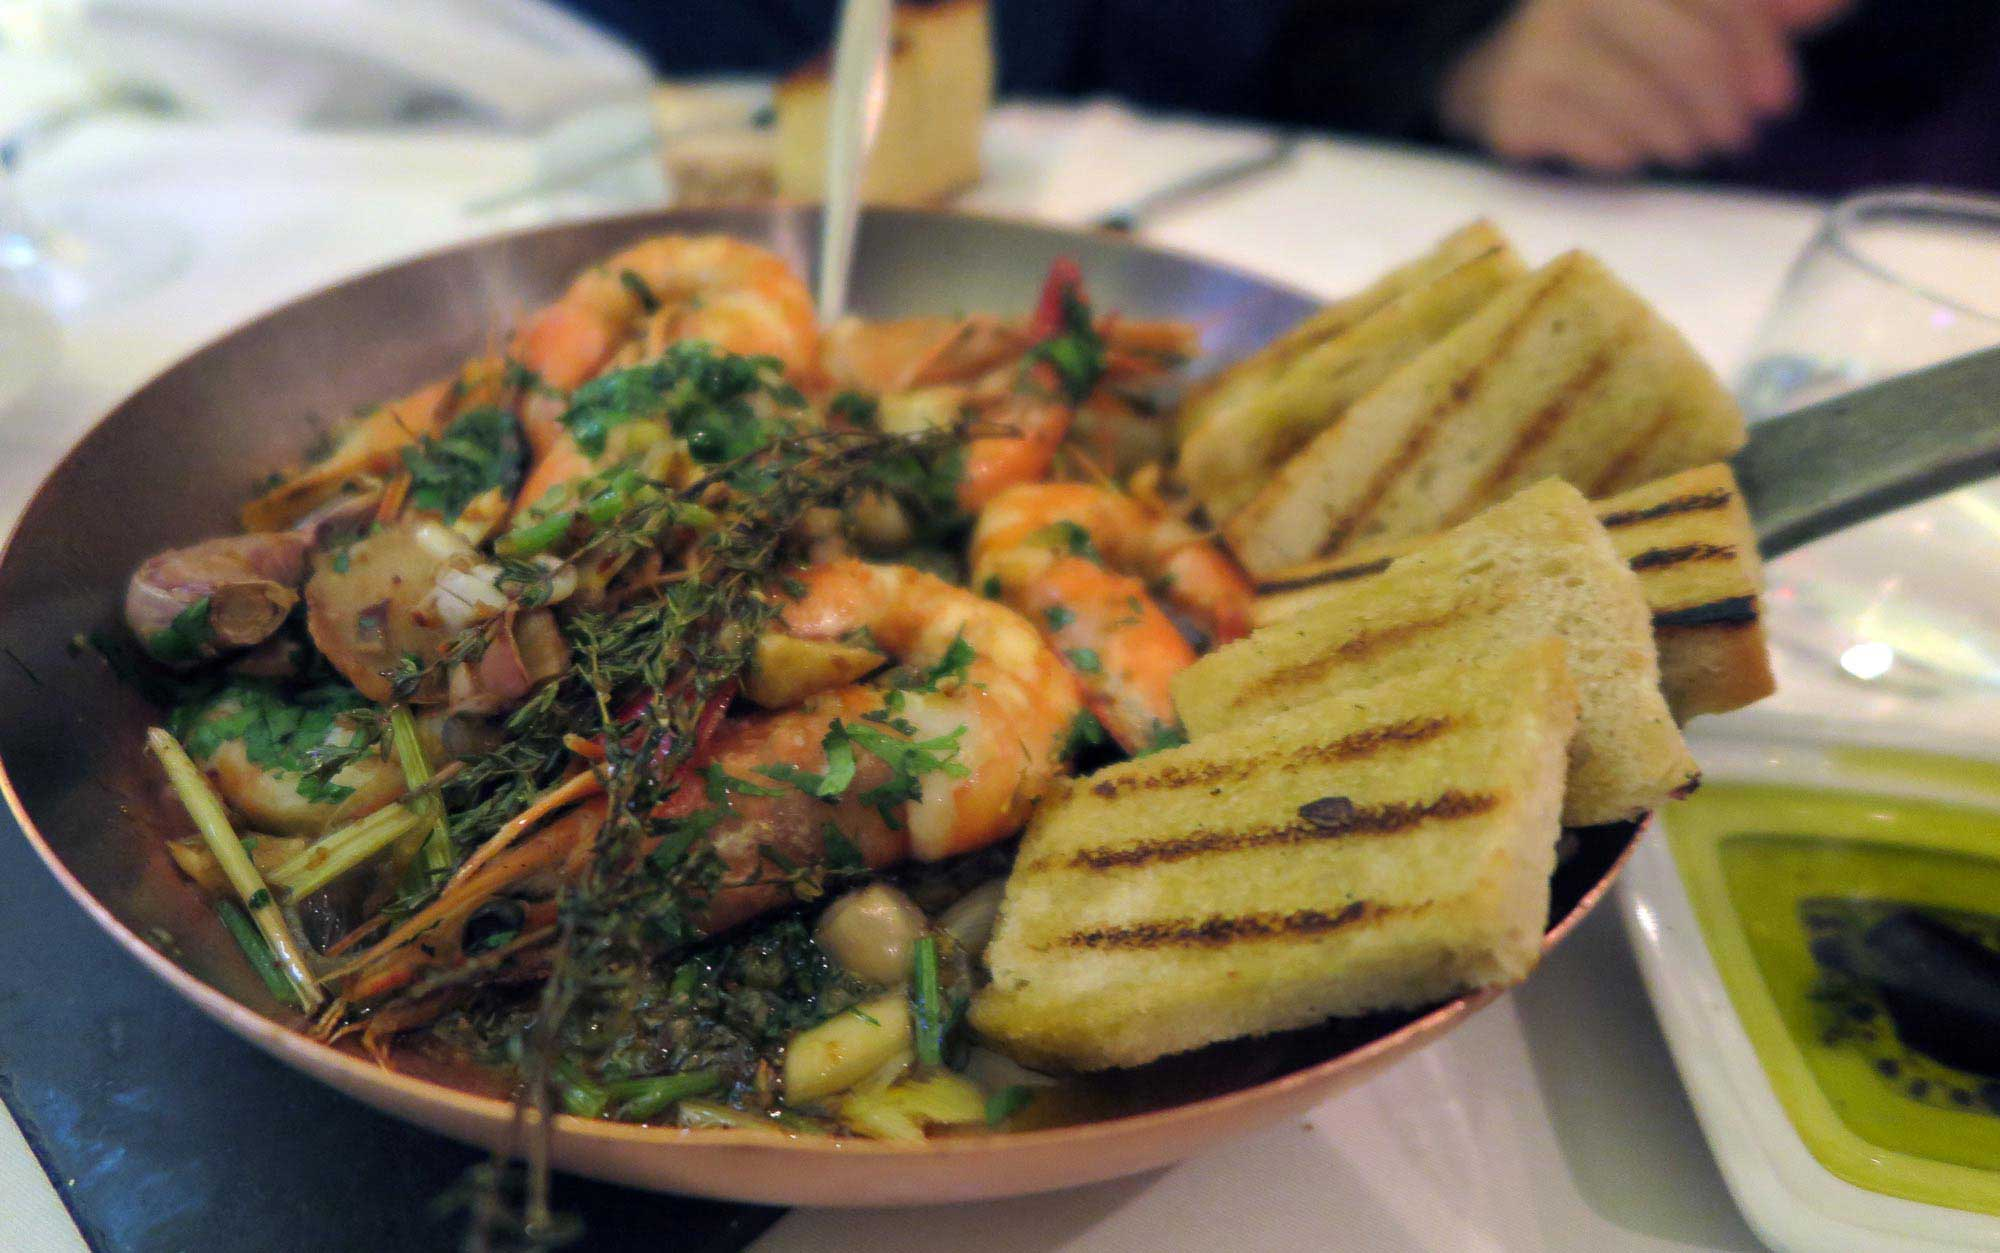 리스본 비스트로 100 마네이라스의 일품요리, 유고슬라비아 전통 방식의 새우프라이 요리.